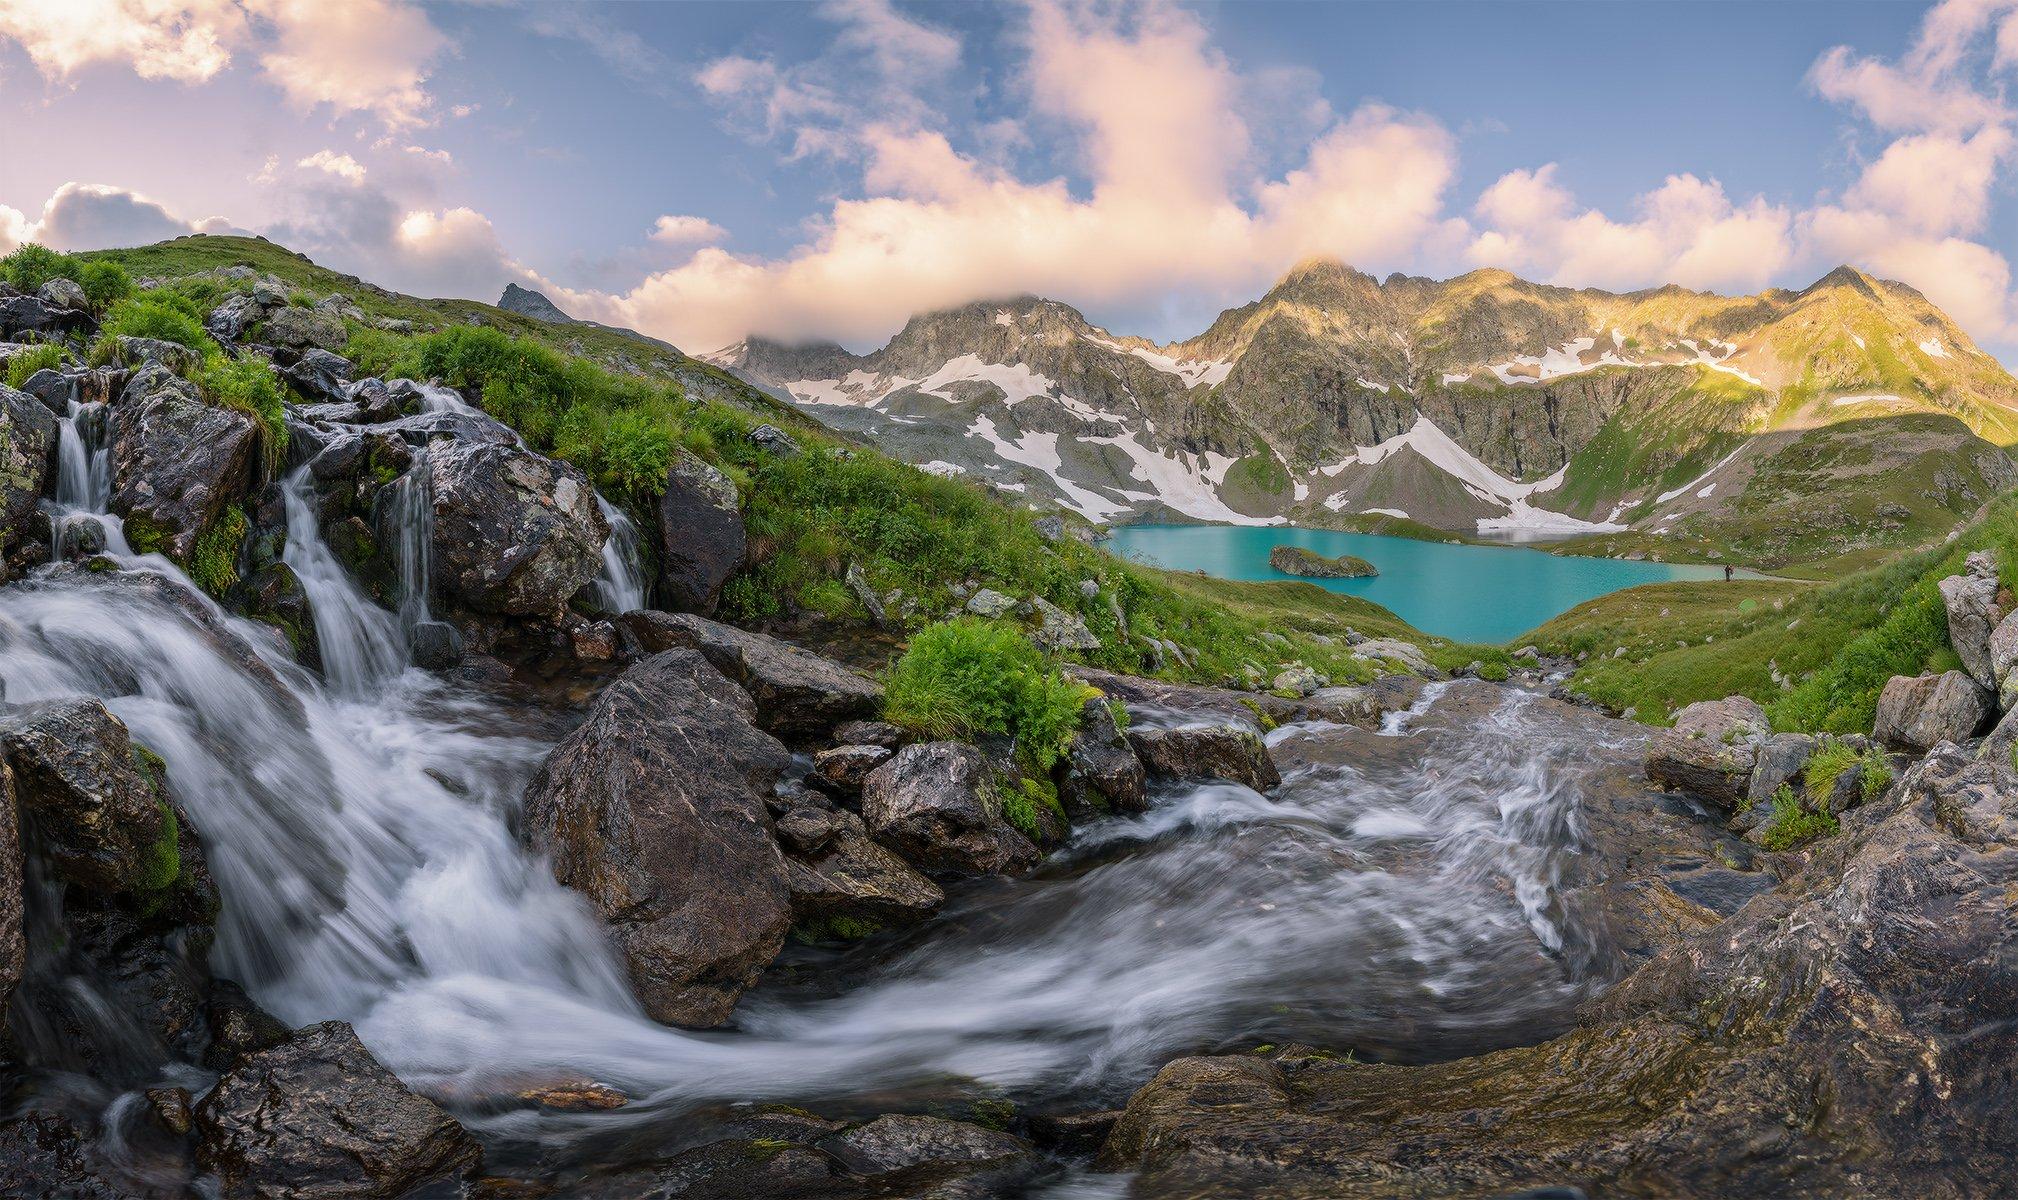 северный, кавказ, большое имеретинское озеро,рассвет, июль,, Николай